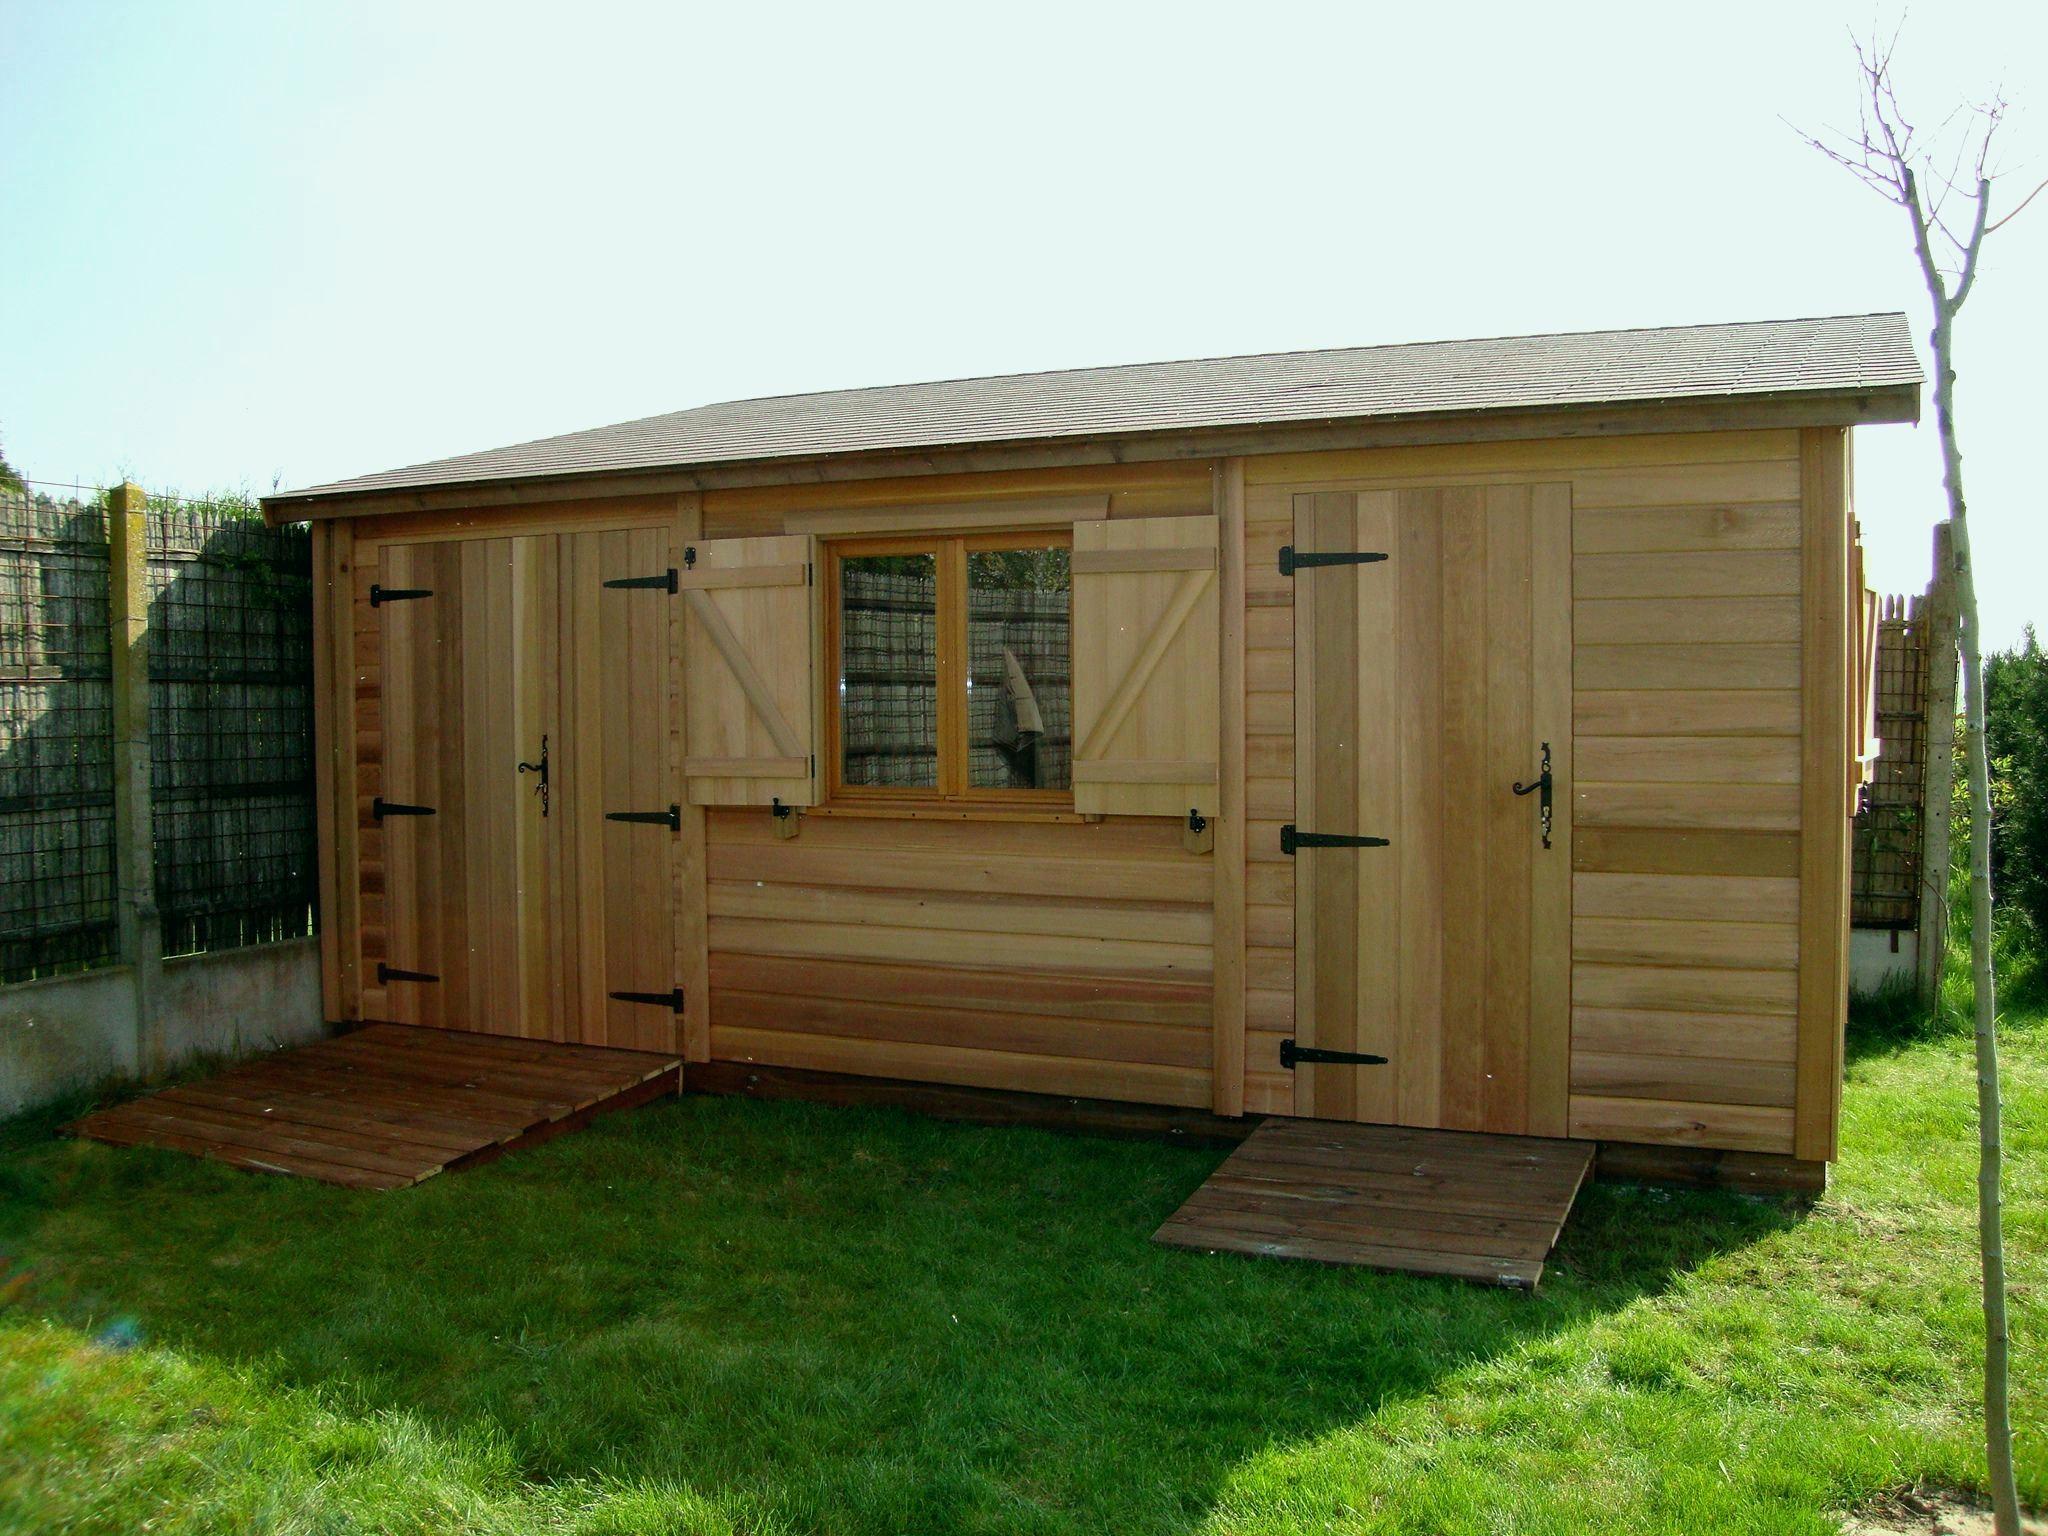 bois traite autoclave brico depot elegant abri de jardin bois 9 53 m ep 28 mm toit plat kivik colis l 332 et of bois traite autoclave brico depot